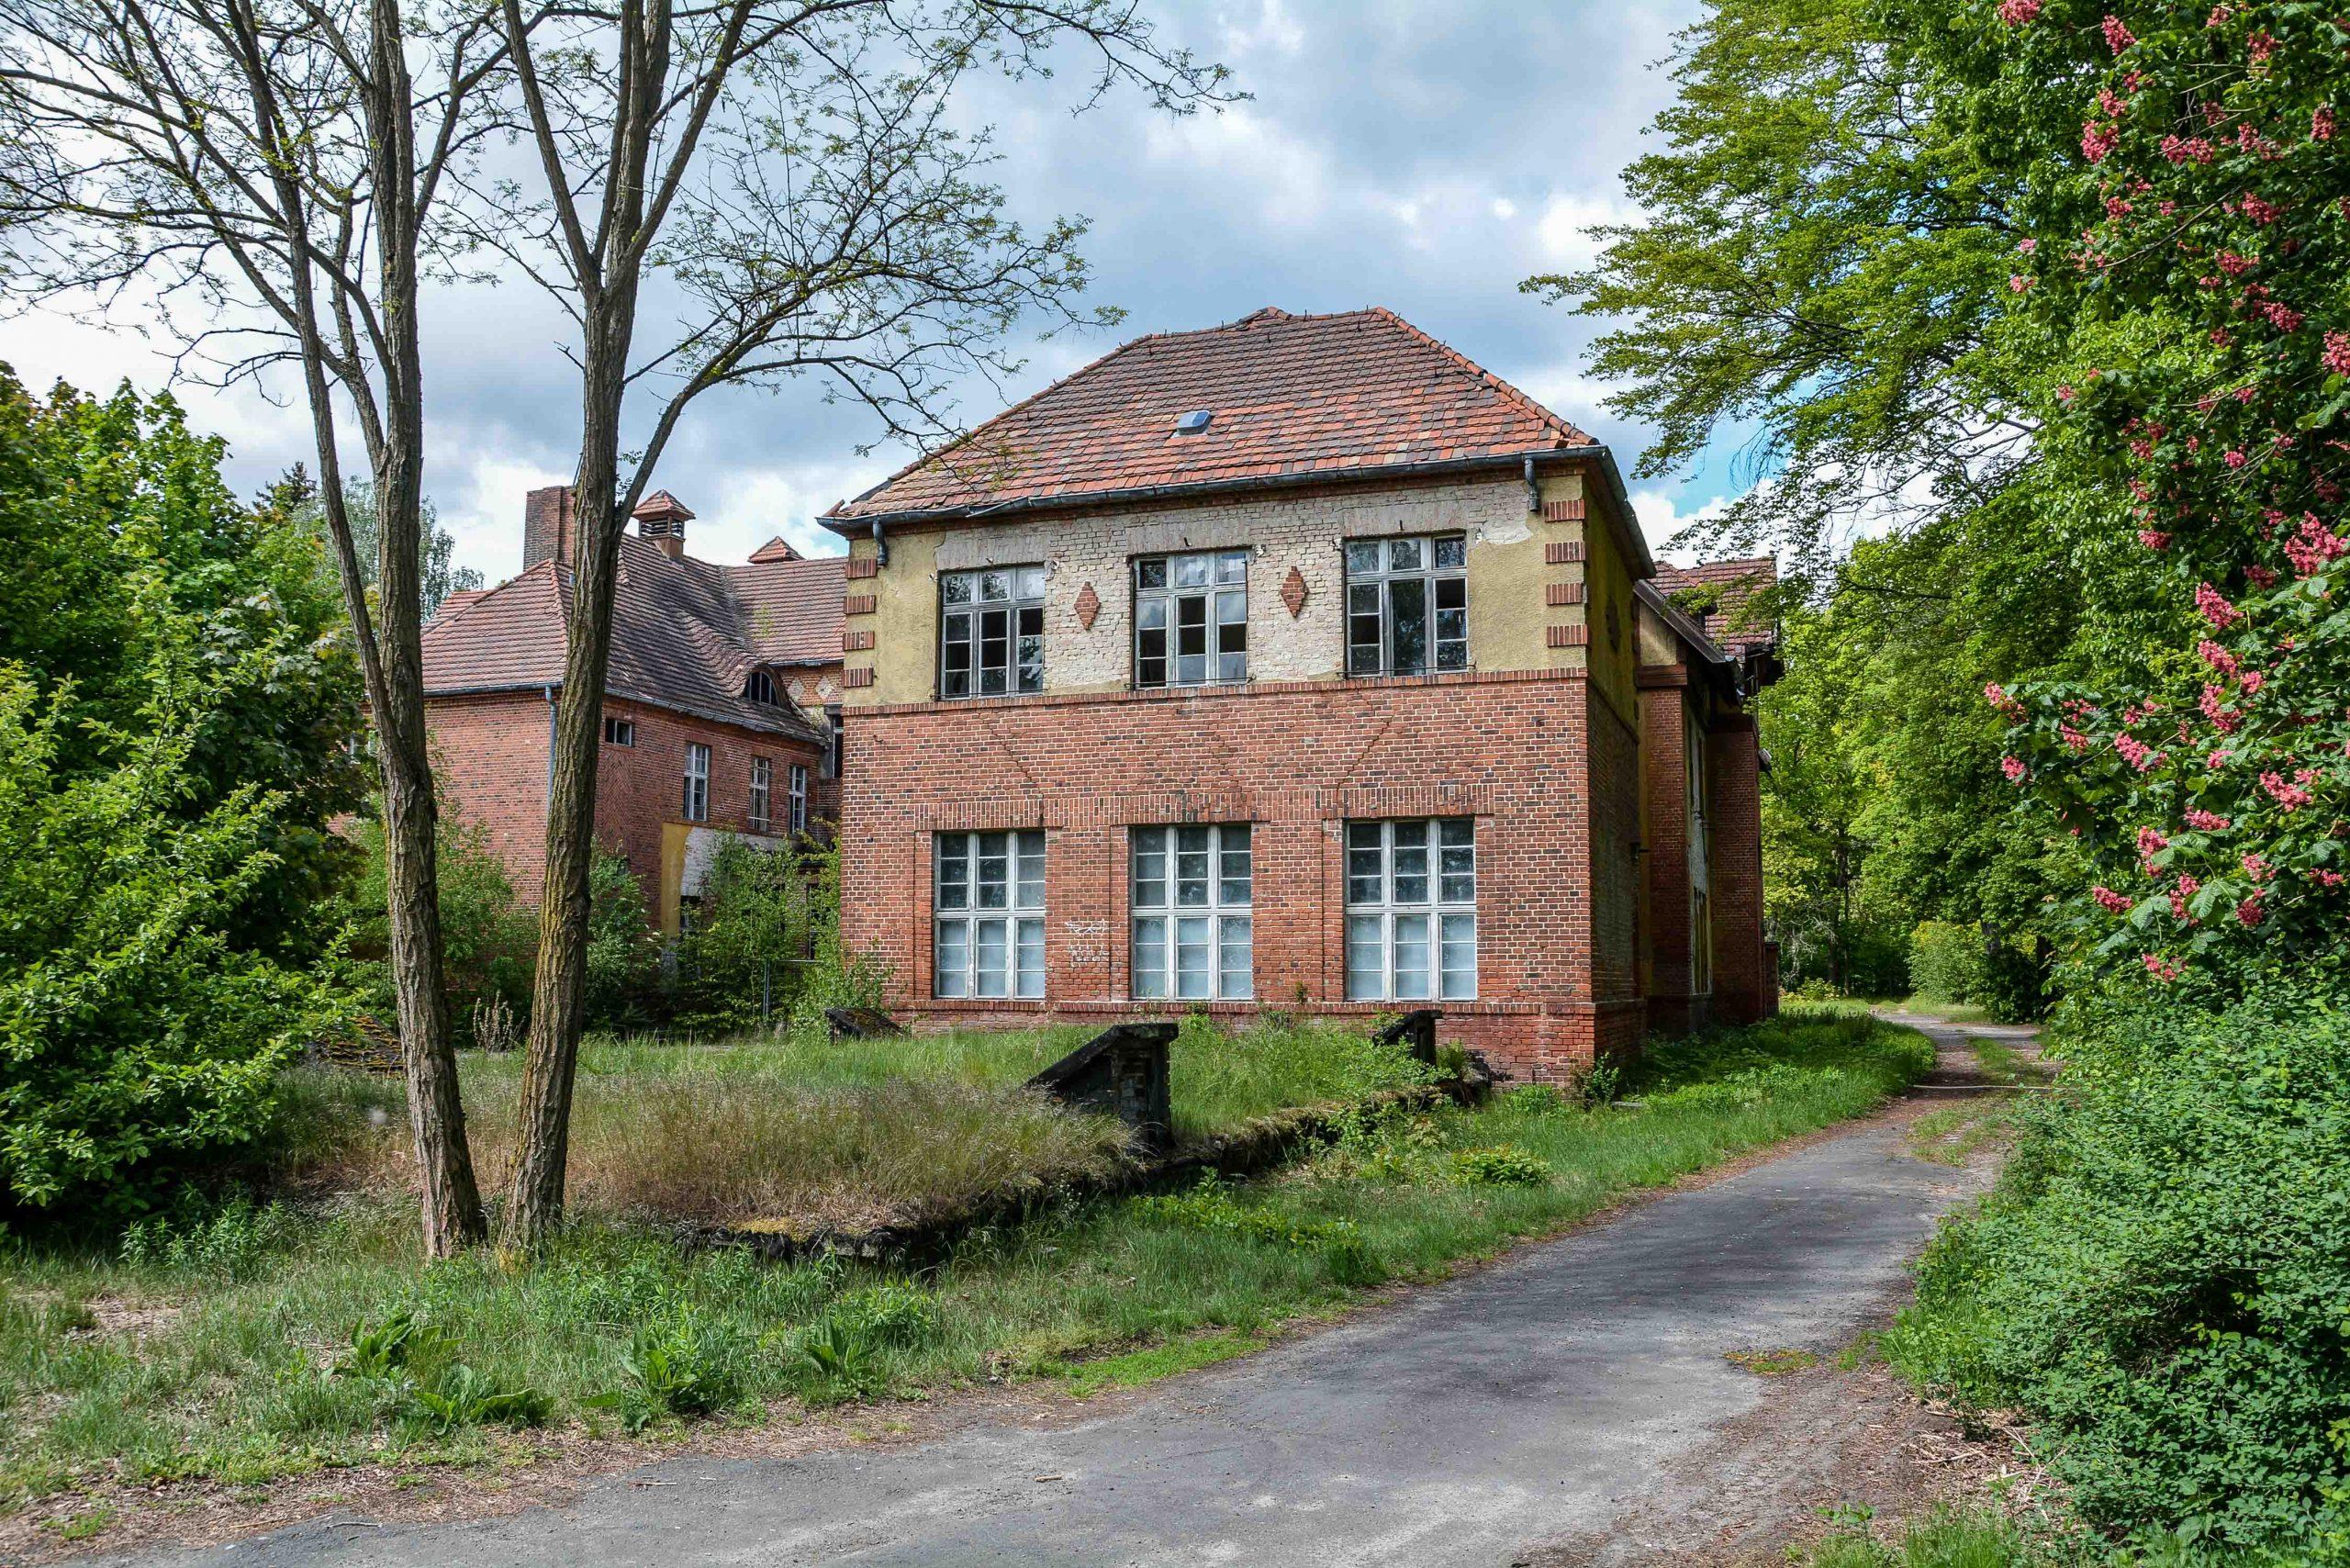 sanatorium wing tuberkulose heilstaette grabowsee sanatorium oranienburg lost places abandoned urbex brandenburg germany deutschland